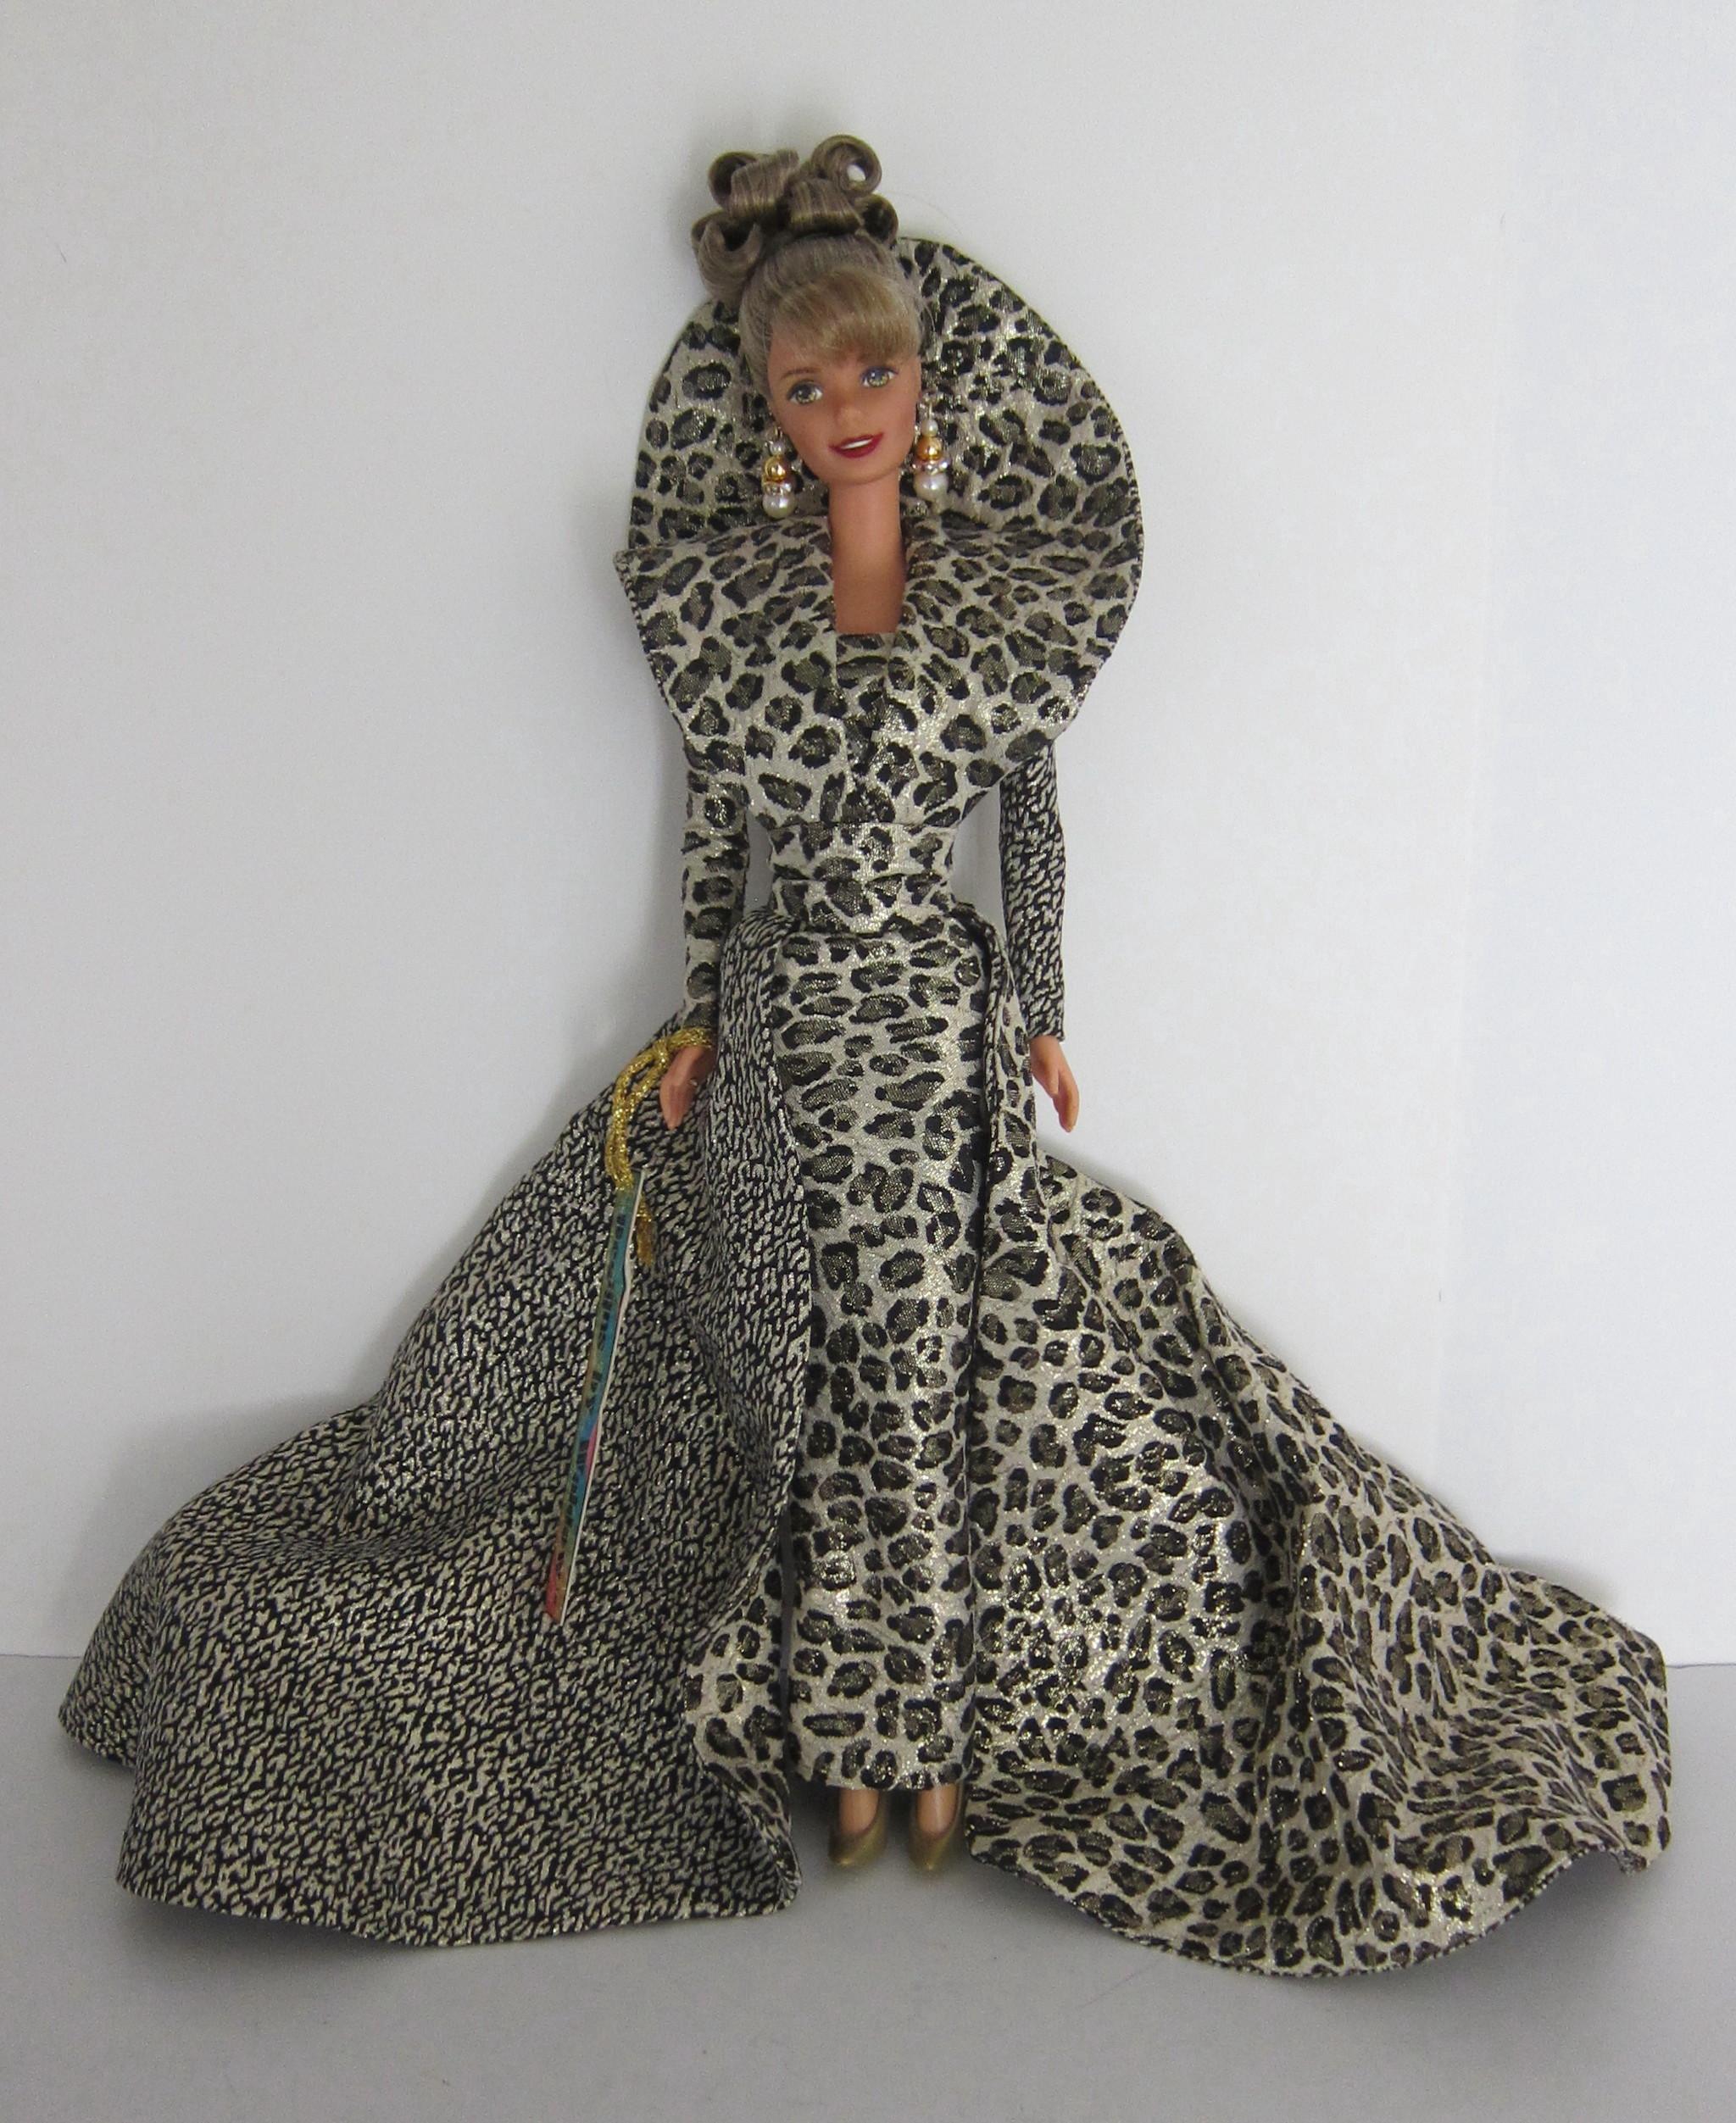 Bill Waldow OOAK Artist Barbie Doll in Leopard Print Gown on Storenvy